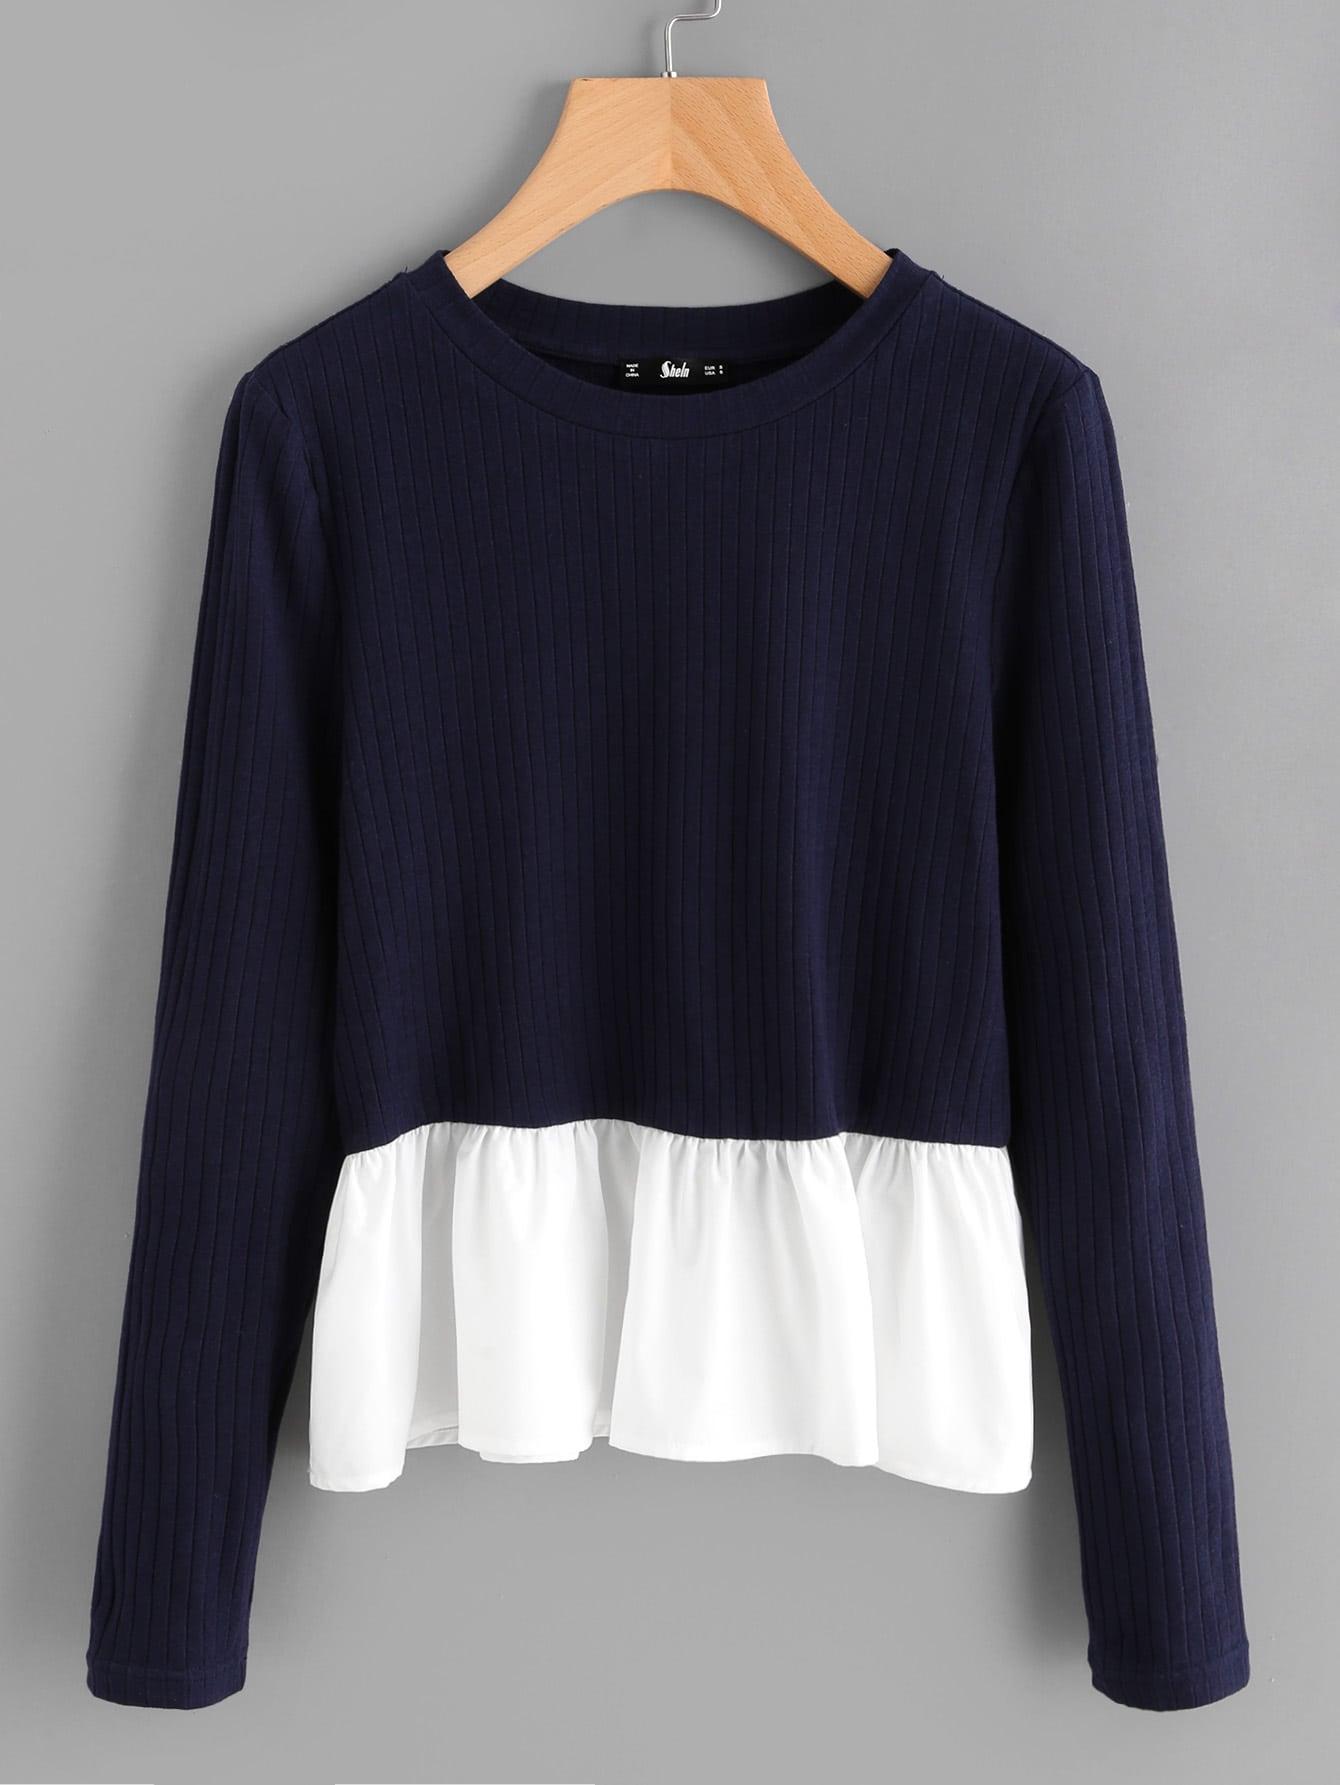 Contrast Frill Trim Rib Knit T-shirt tee170803705